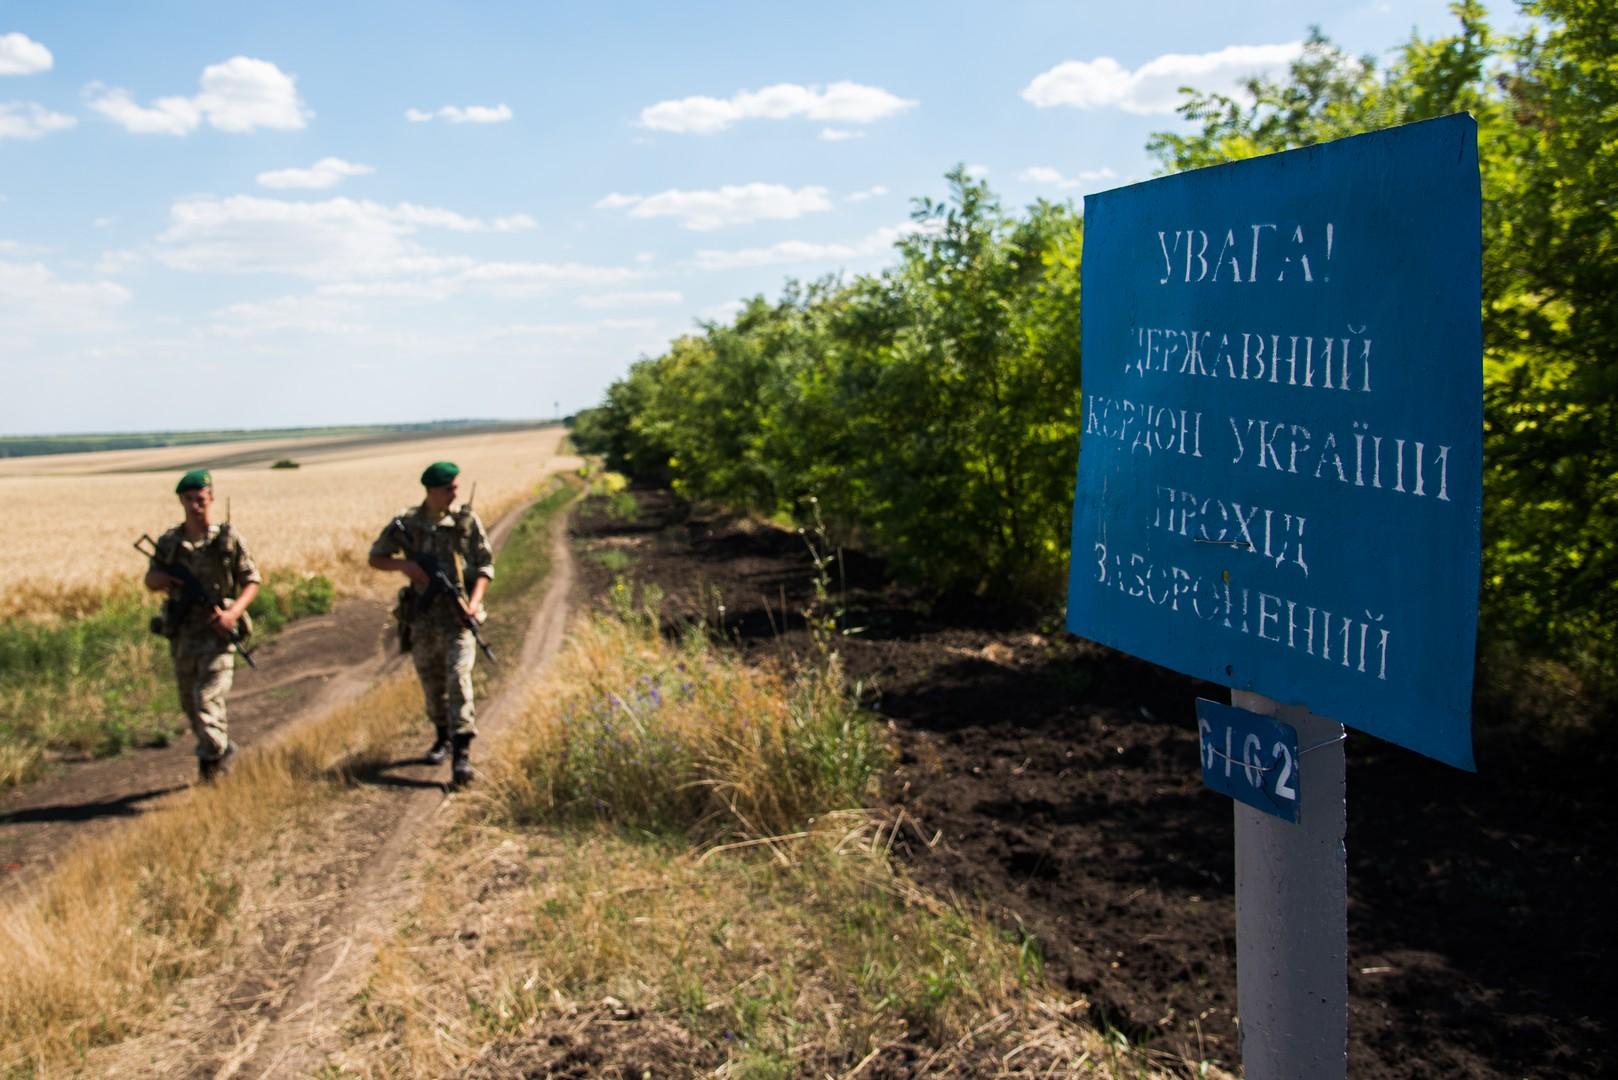 Фото: Государственная пограничная служба Украины